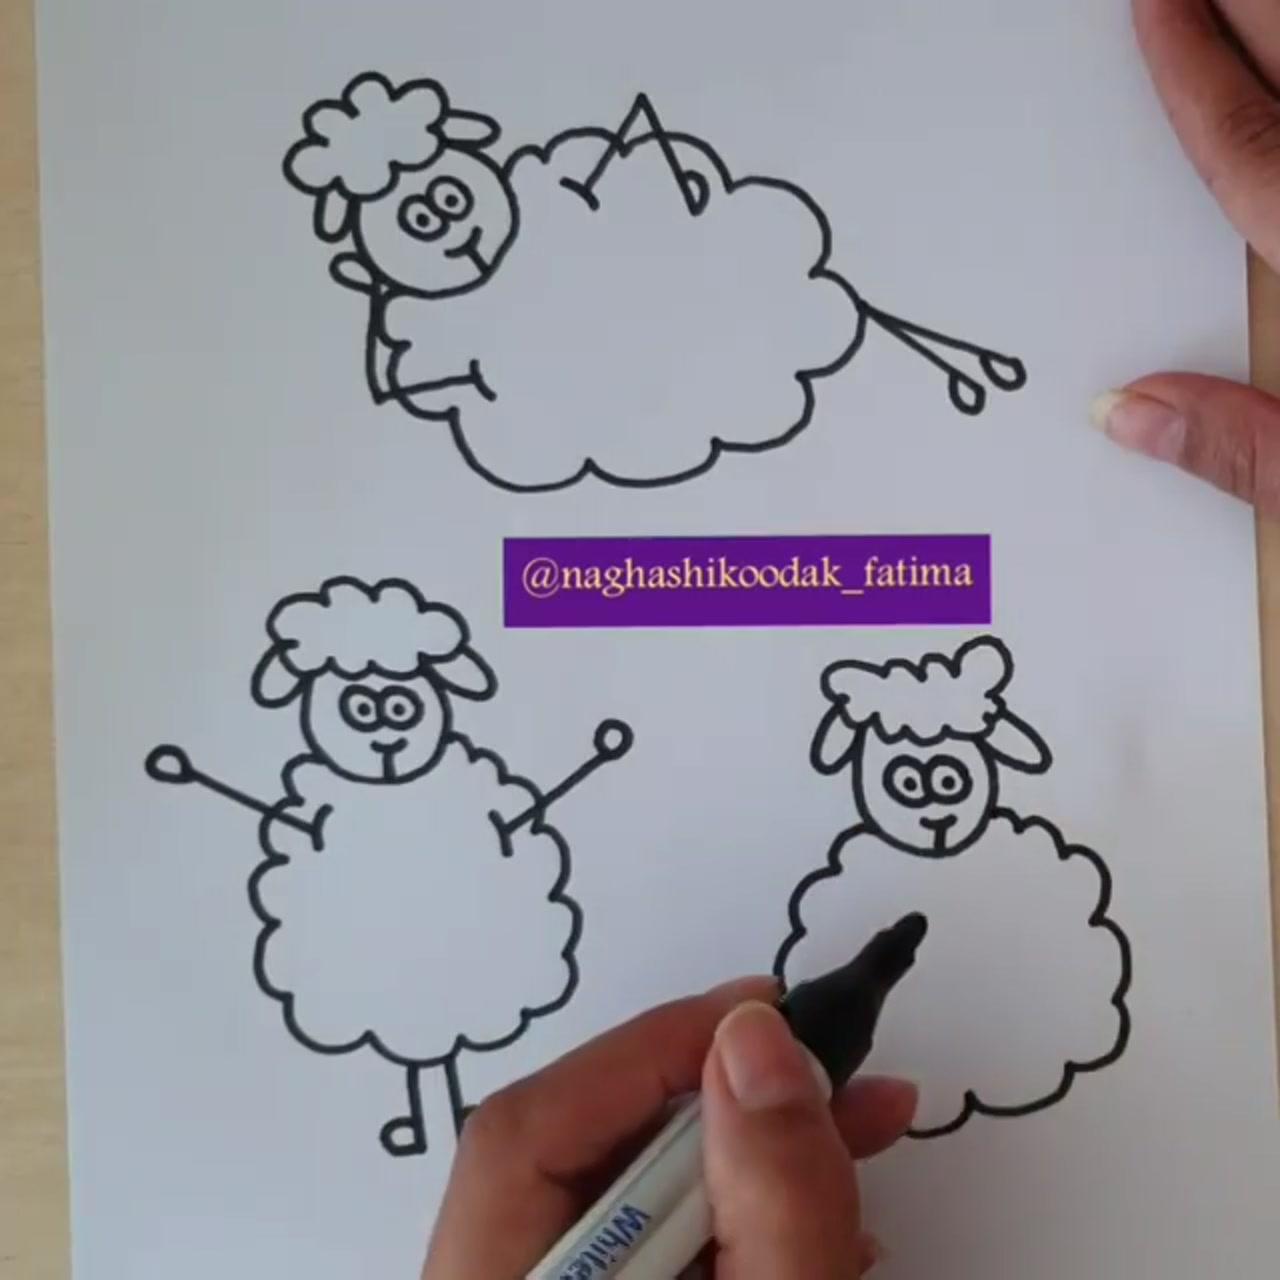 آموزش ترفندهای کشیدن یک گوسفند زیبا برای کودکان